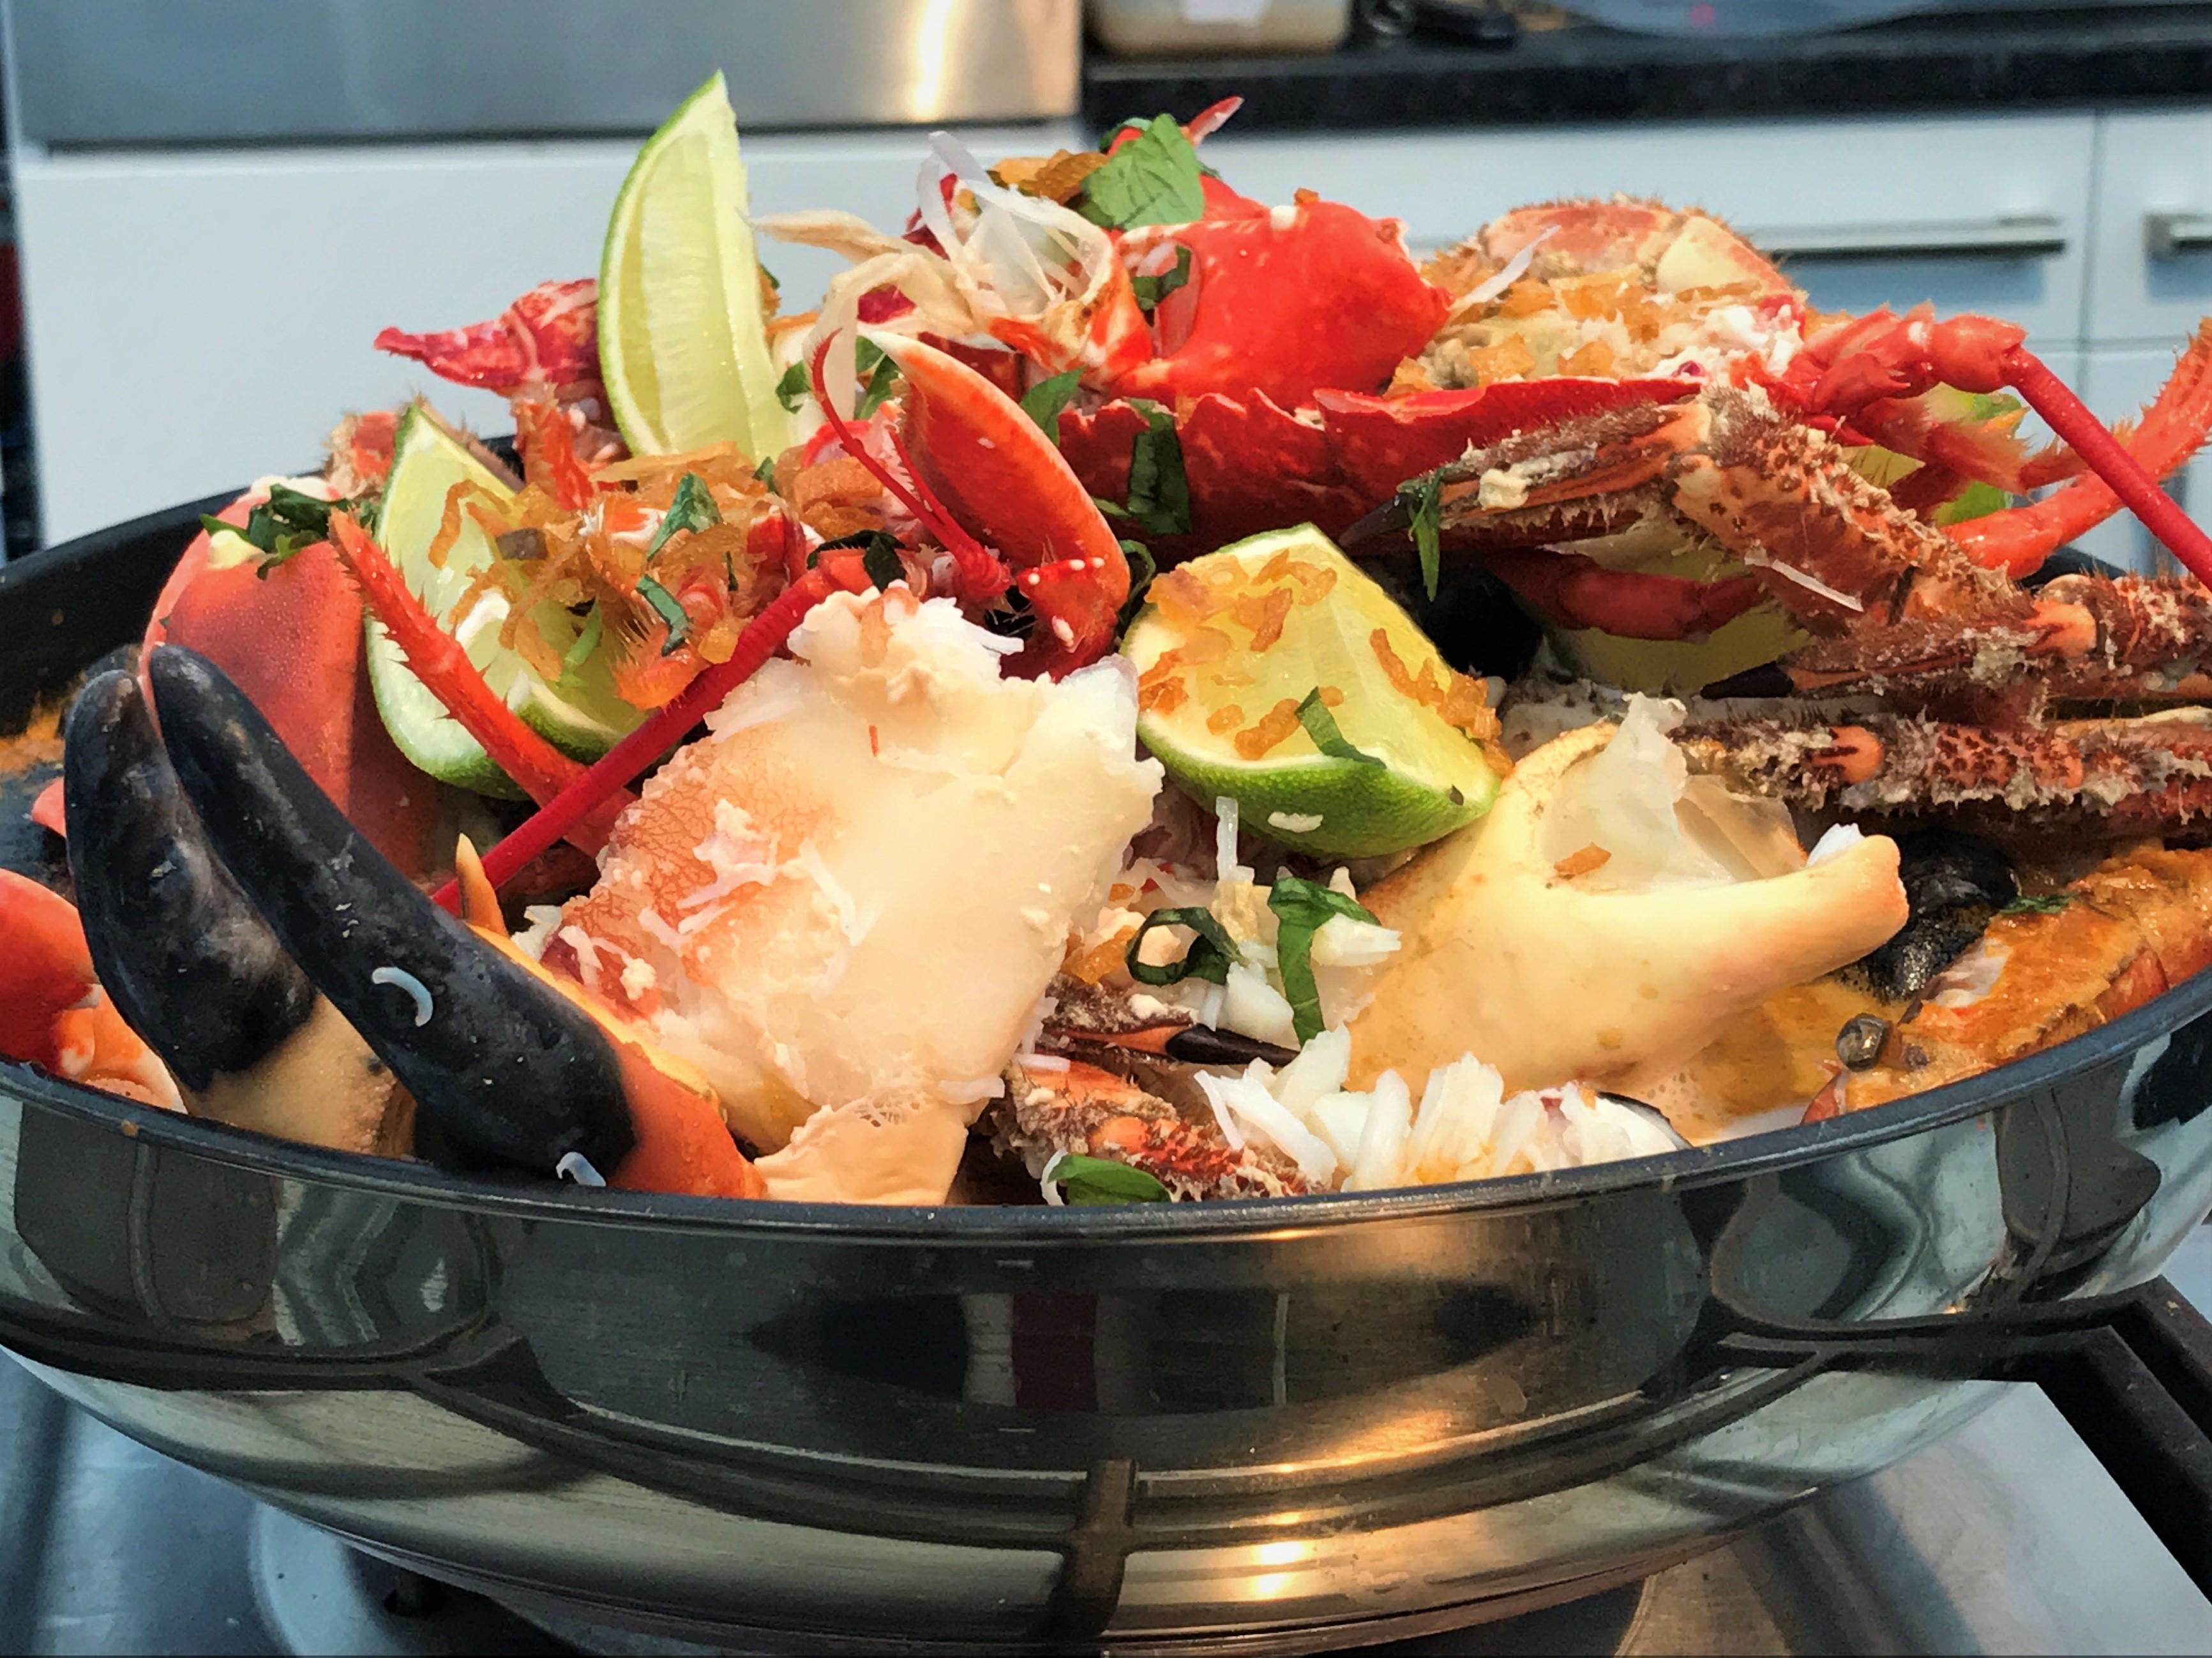 Thai Food Truro